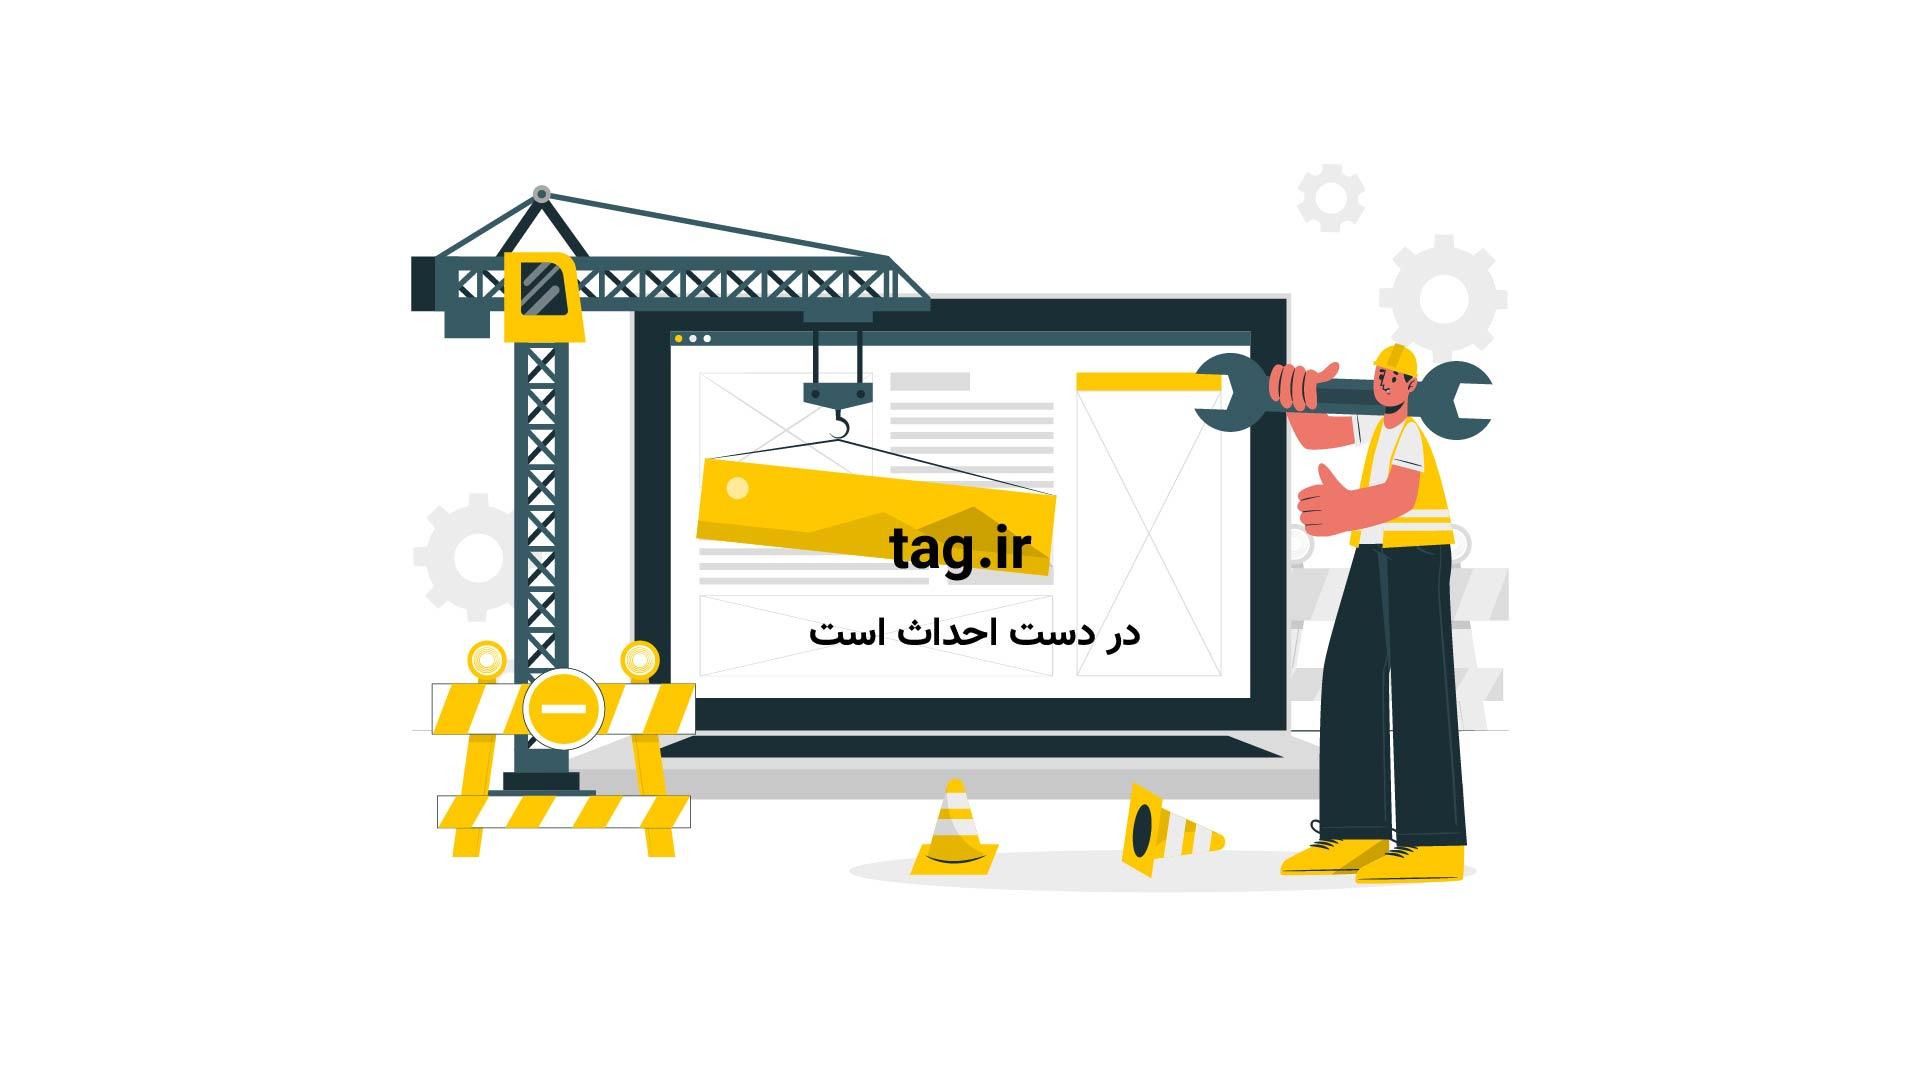 نقاشی حیرت انگیز با اسپری | فیلم